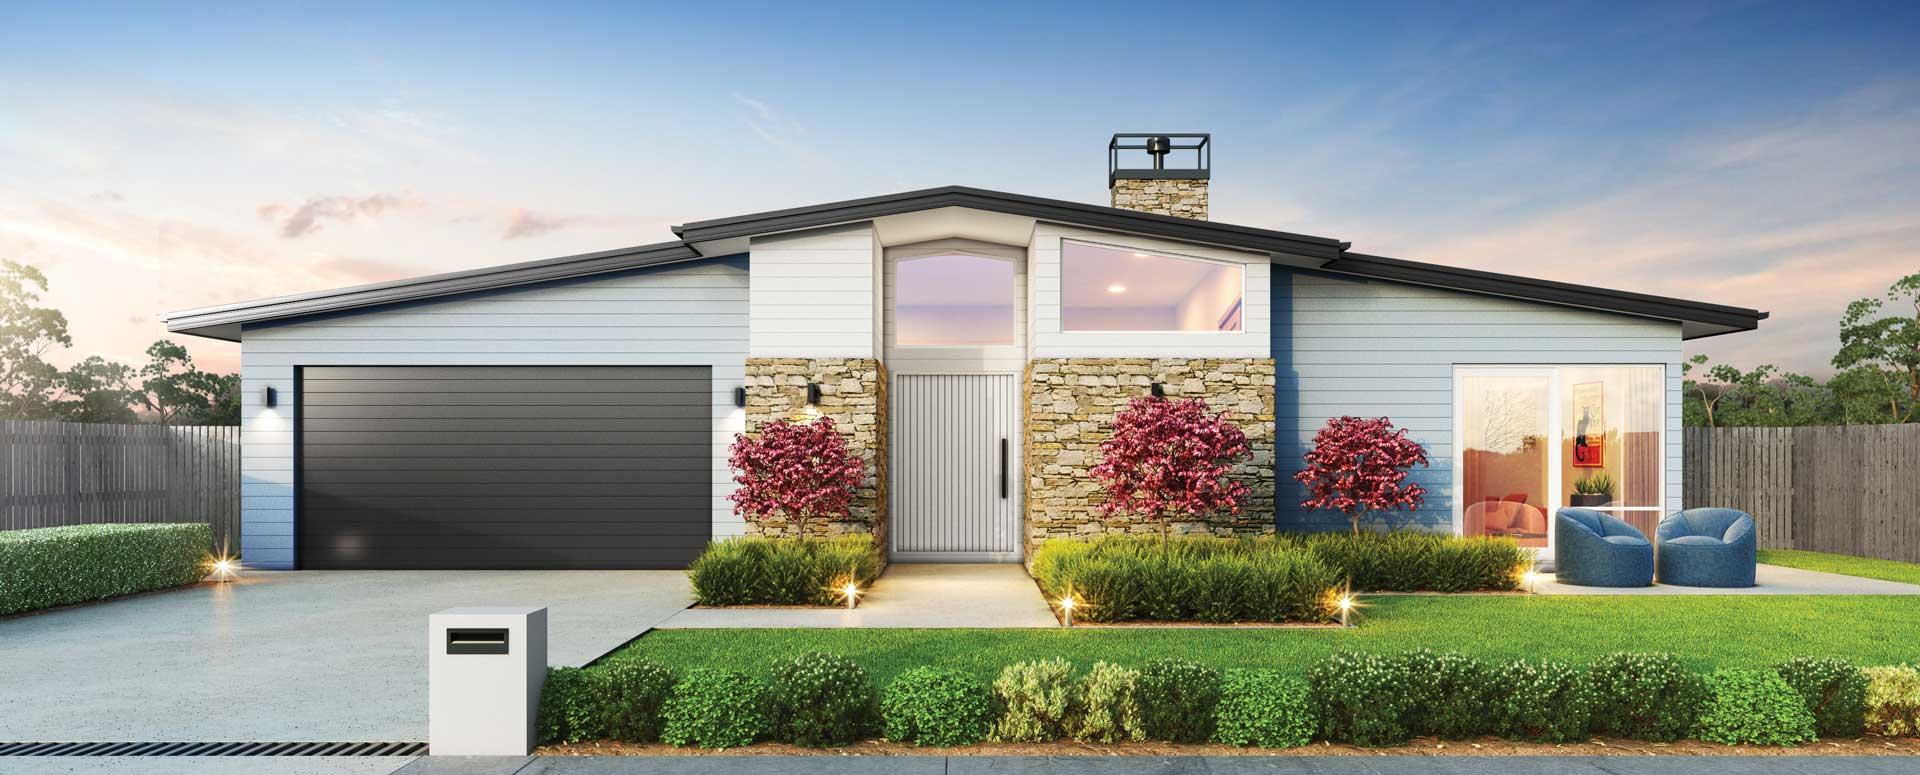 Castlerock Penny Homes Banner Image